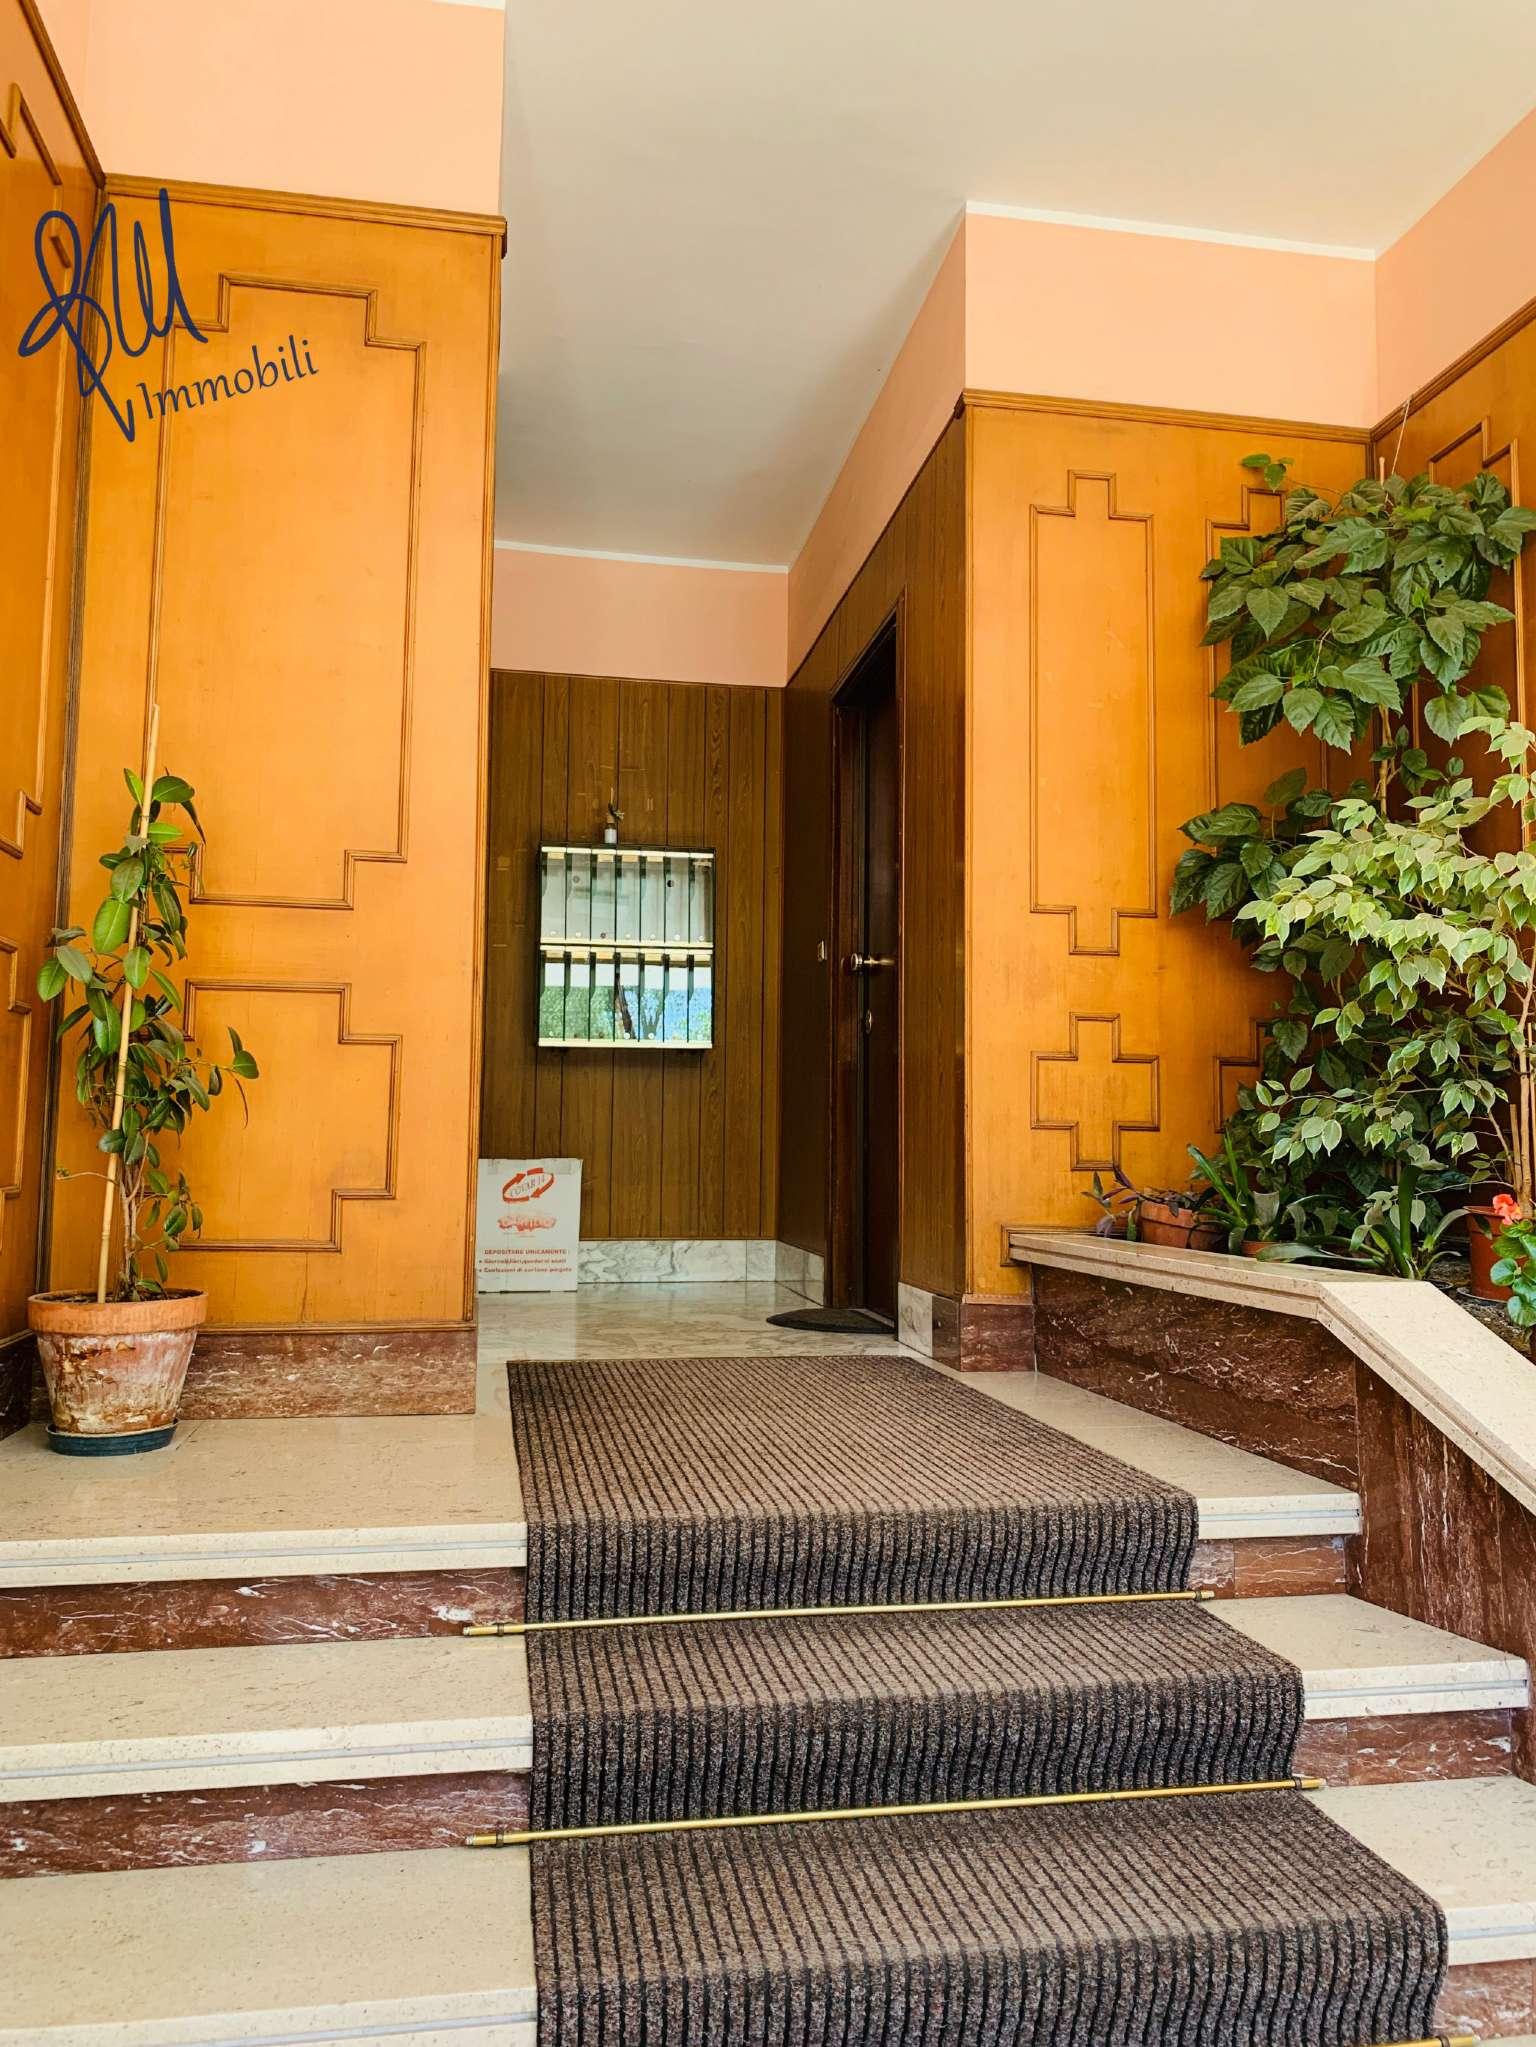 Attico / Mansarda in vendita a Moncalieri, 1 locali, Trattative riservate | PortaleAgenzieImmobiliari.it